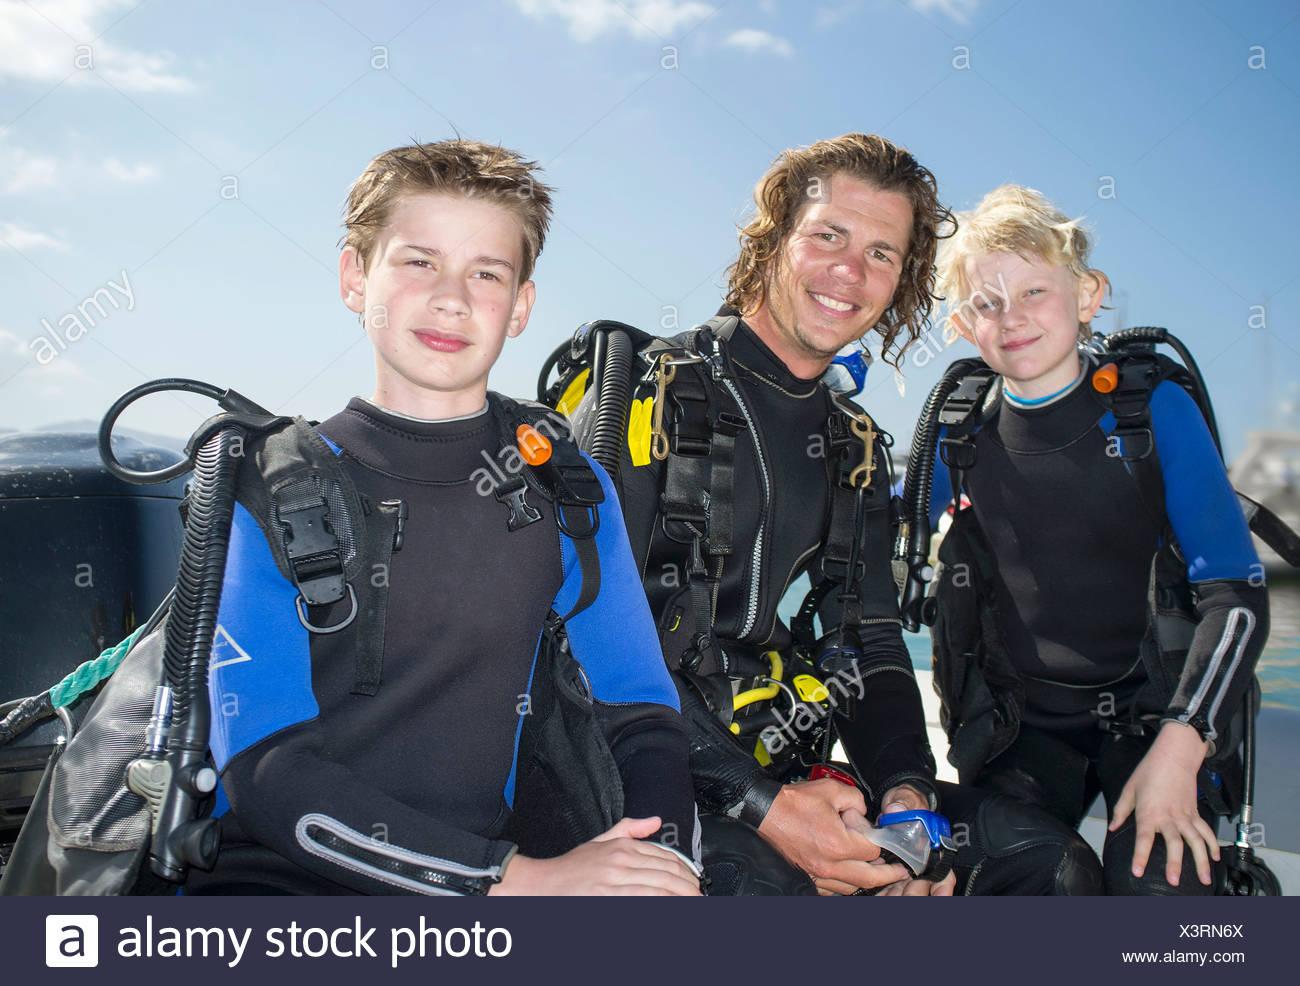 Ritratto di due ragazzi con metà maschio adulto scuba diving insegnante Immagini Stock